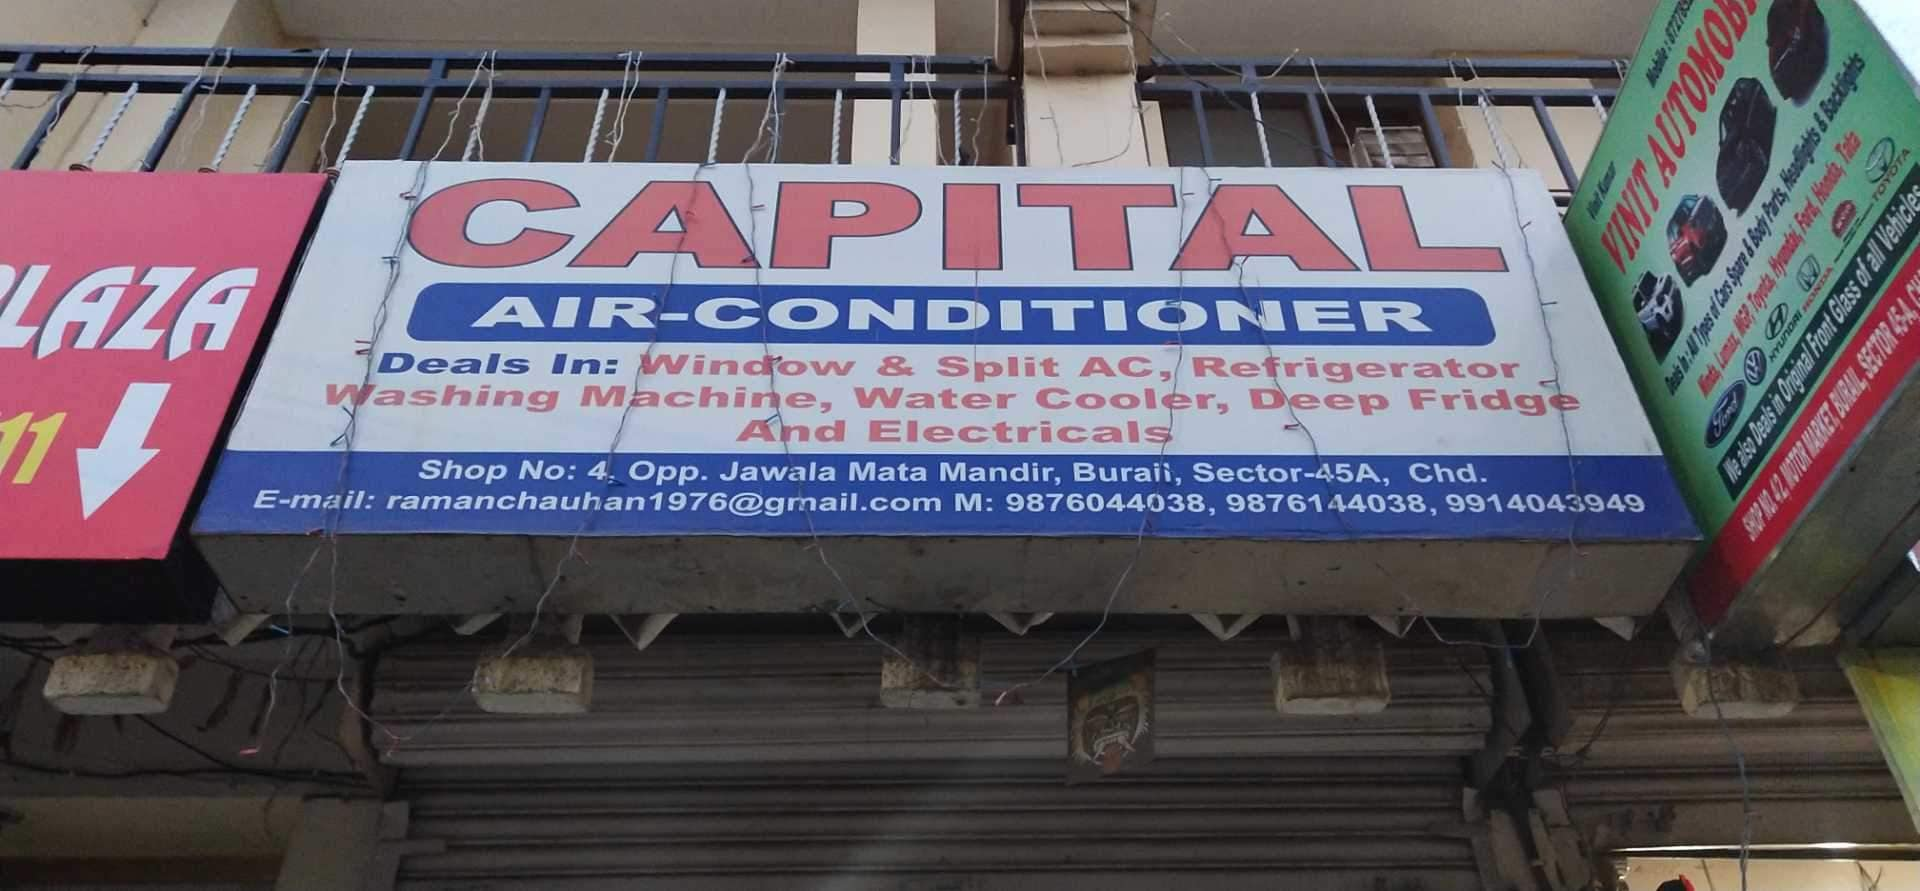 Top Panasonic AC Repair in Mohali Chandigarh, Chandigarh